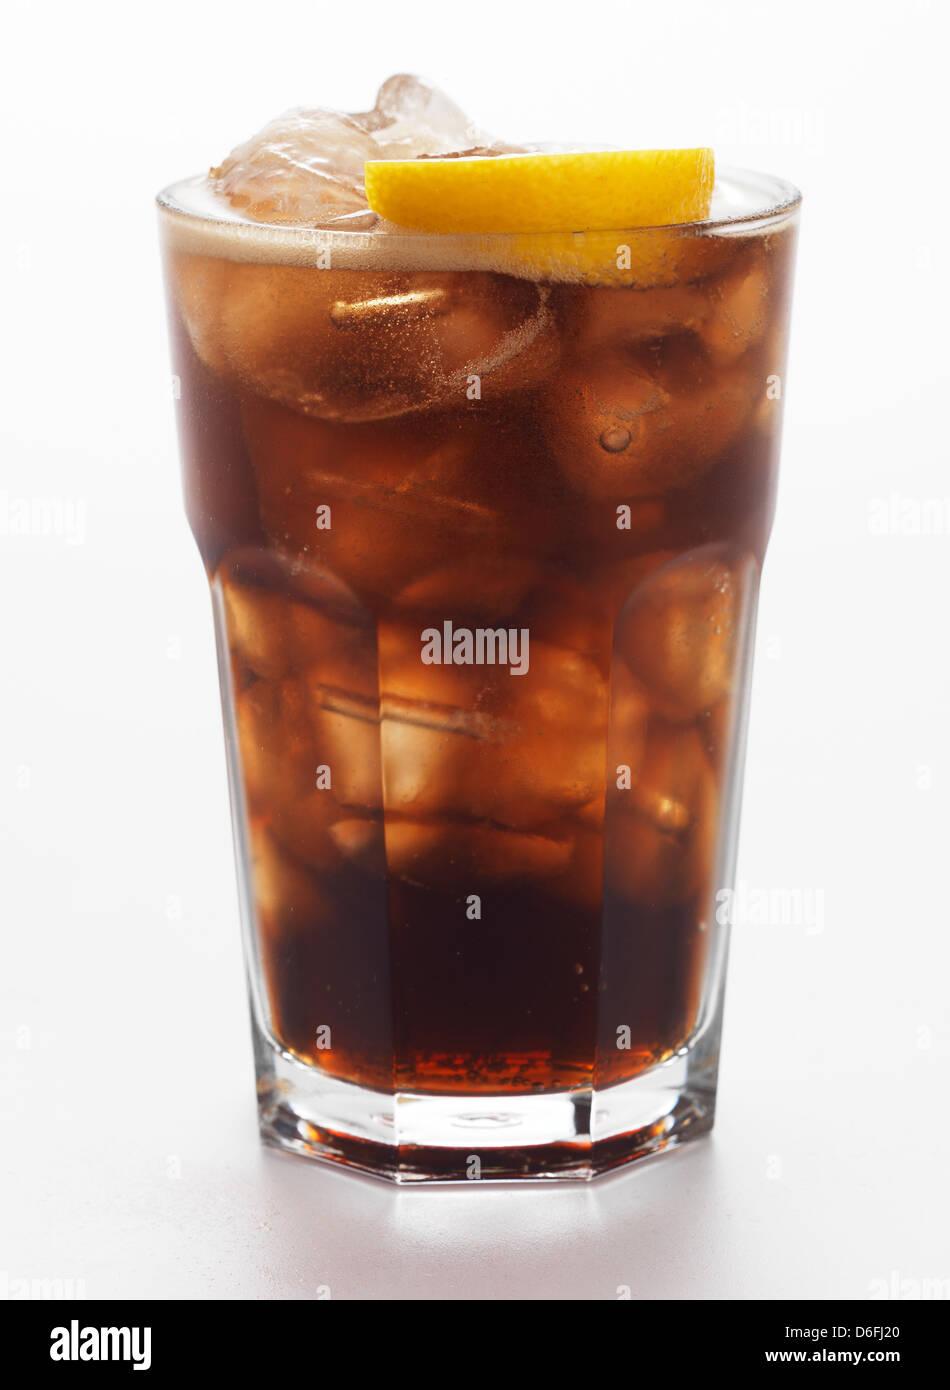 Coca Cola in glass - Stock Image